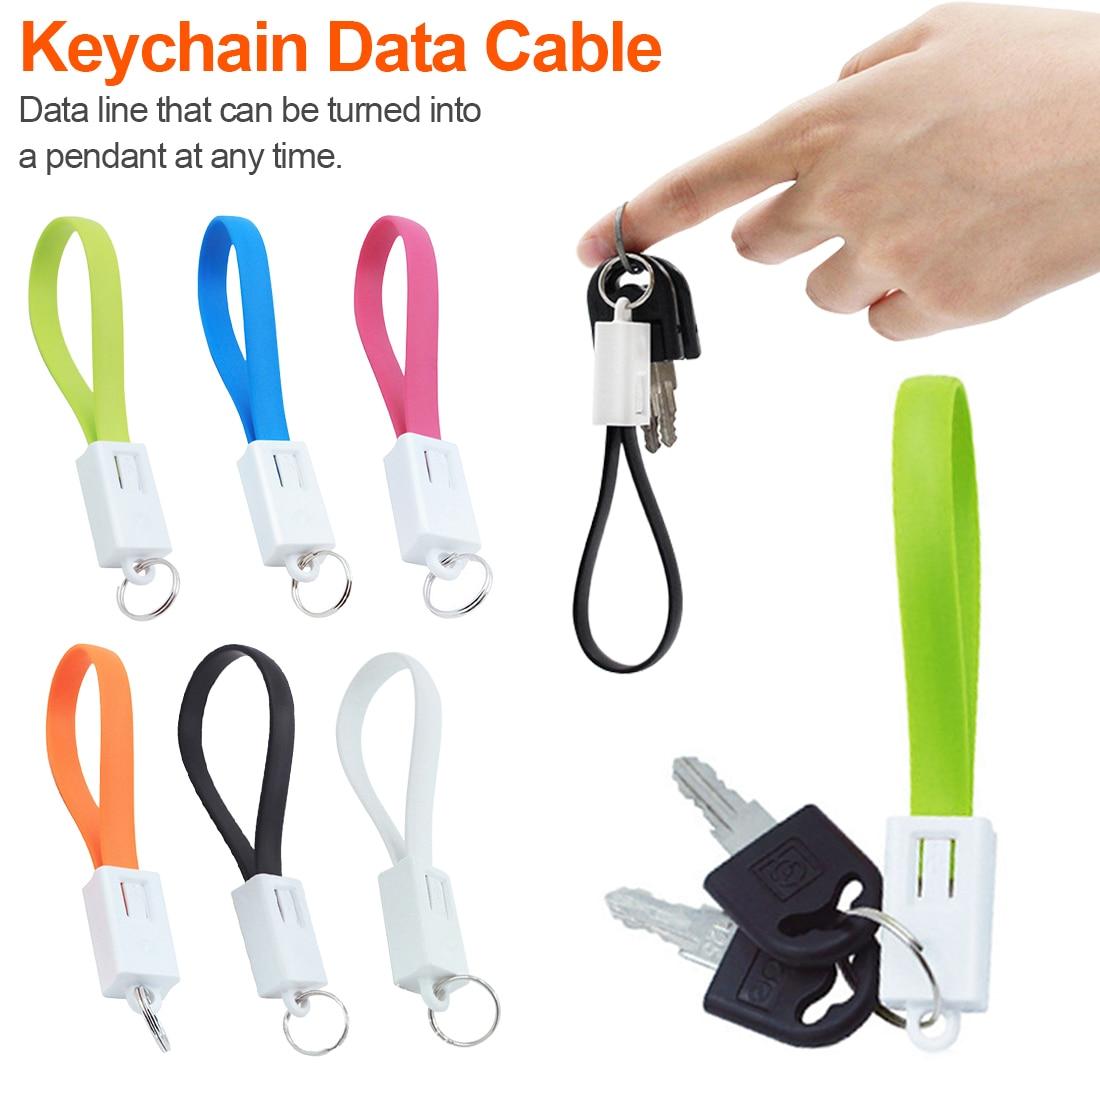 Handy Kabel Tragbare Schlüsselbund Usb Daten Kabel Für Iphone Micro Usb Typ C Schnelle Lade Handy Ladegerät Kabel Für Samsung Galaxy Xiaomi